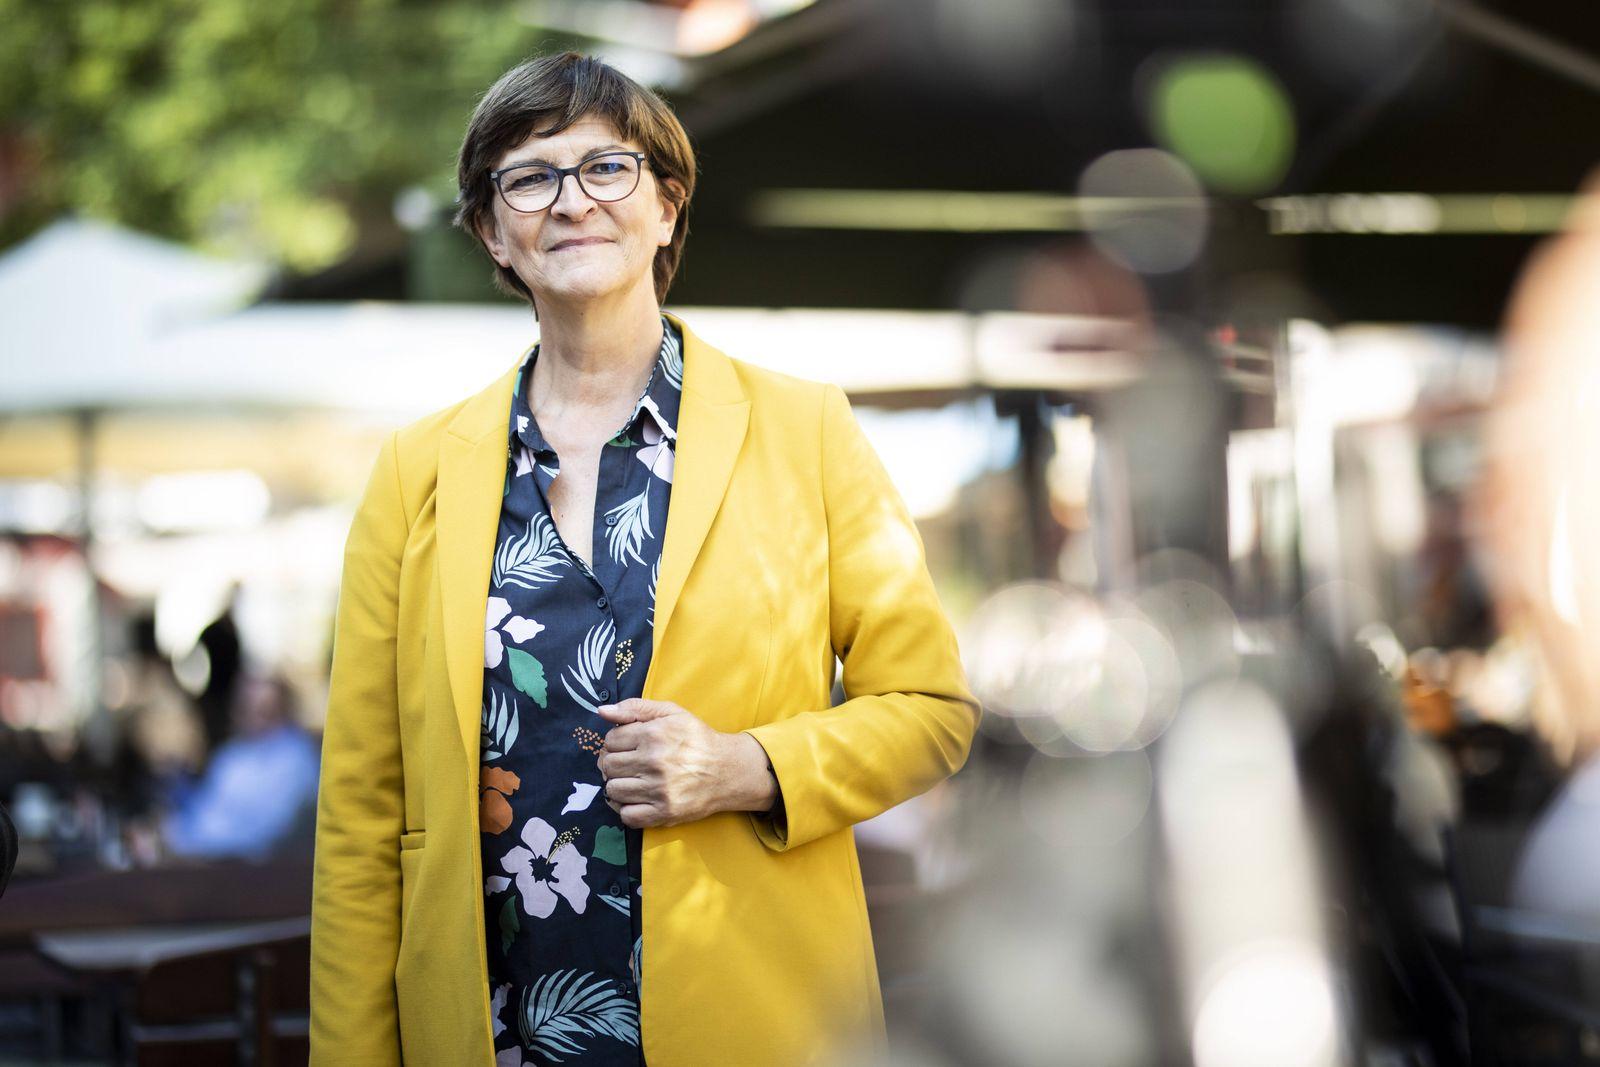 Saskia Esken, Bundesvorsitzender der SPD, aufgenommen im Rahmen der Pressereise durch das Ruhrgebiet in Neuss, 02.09.20